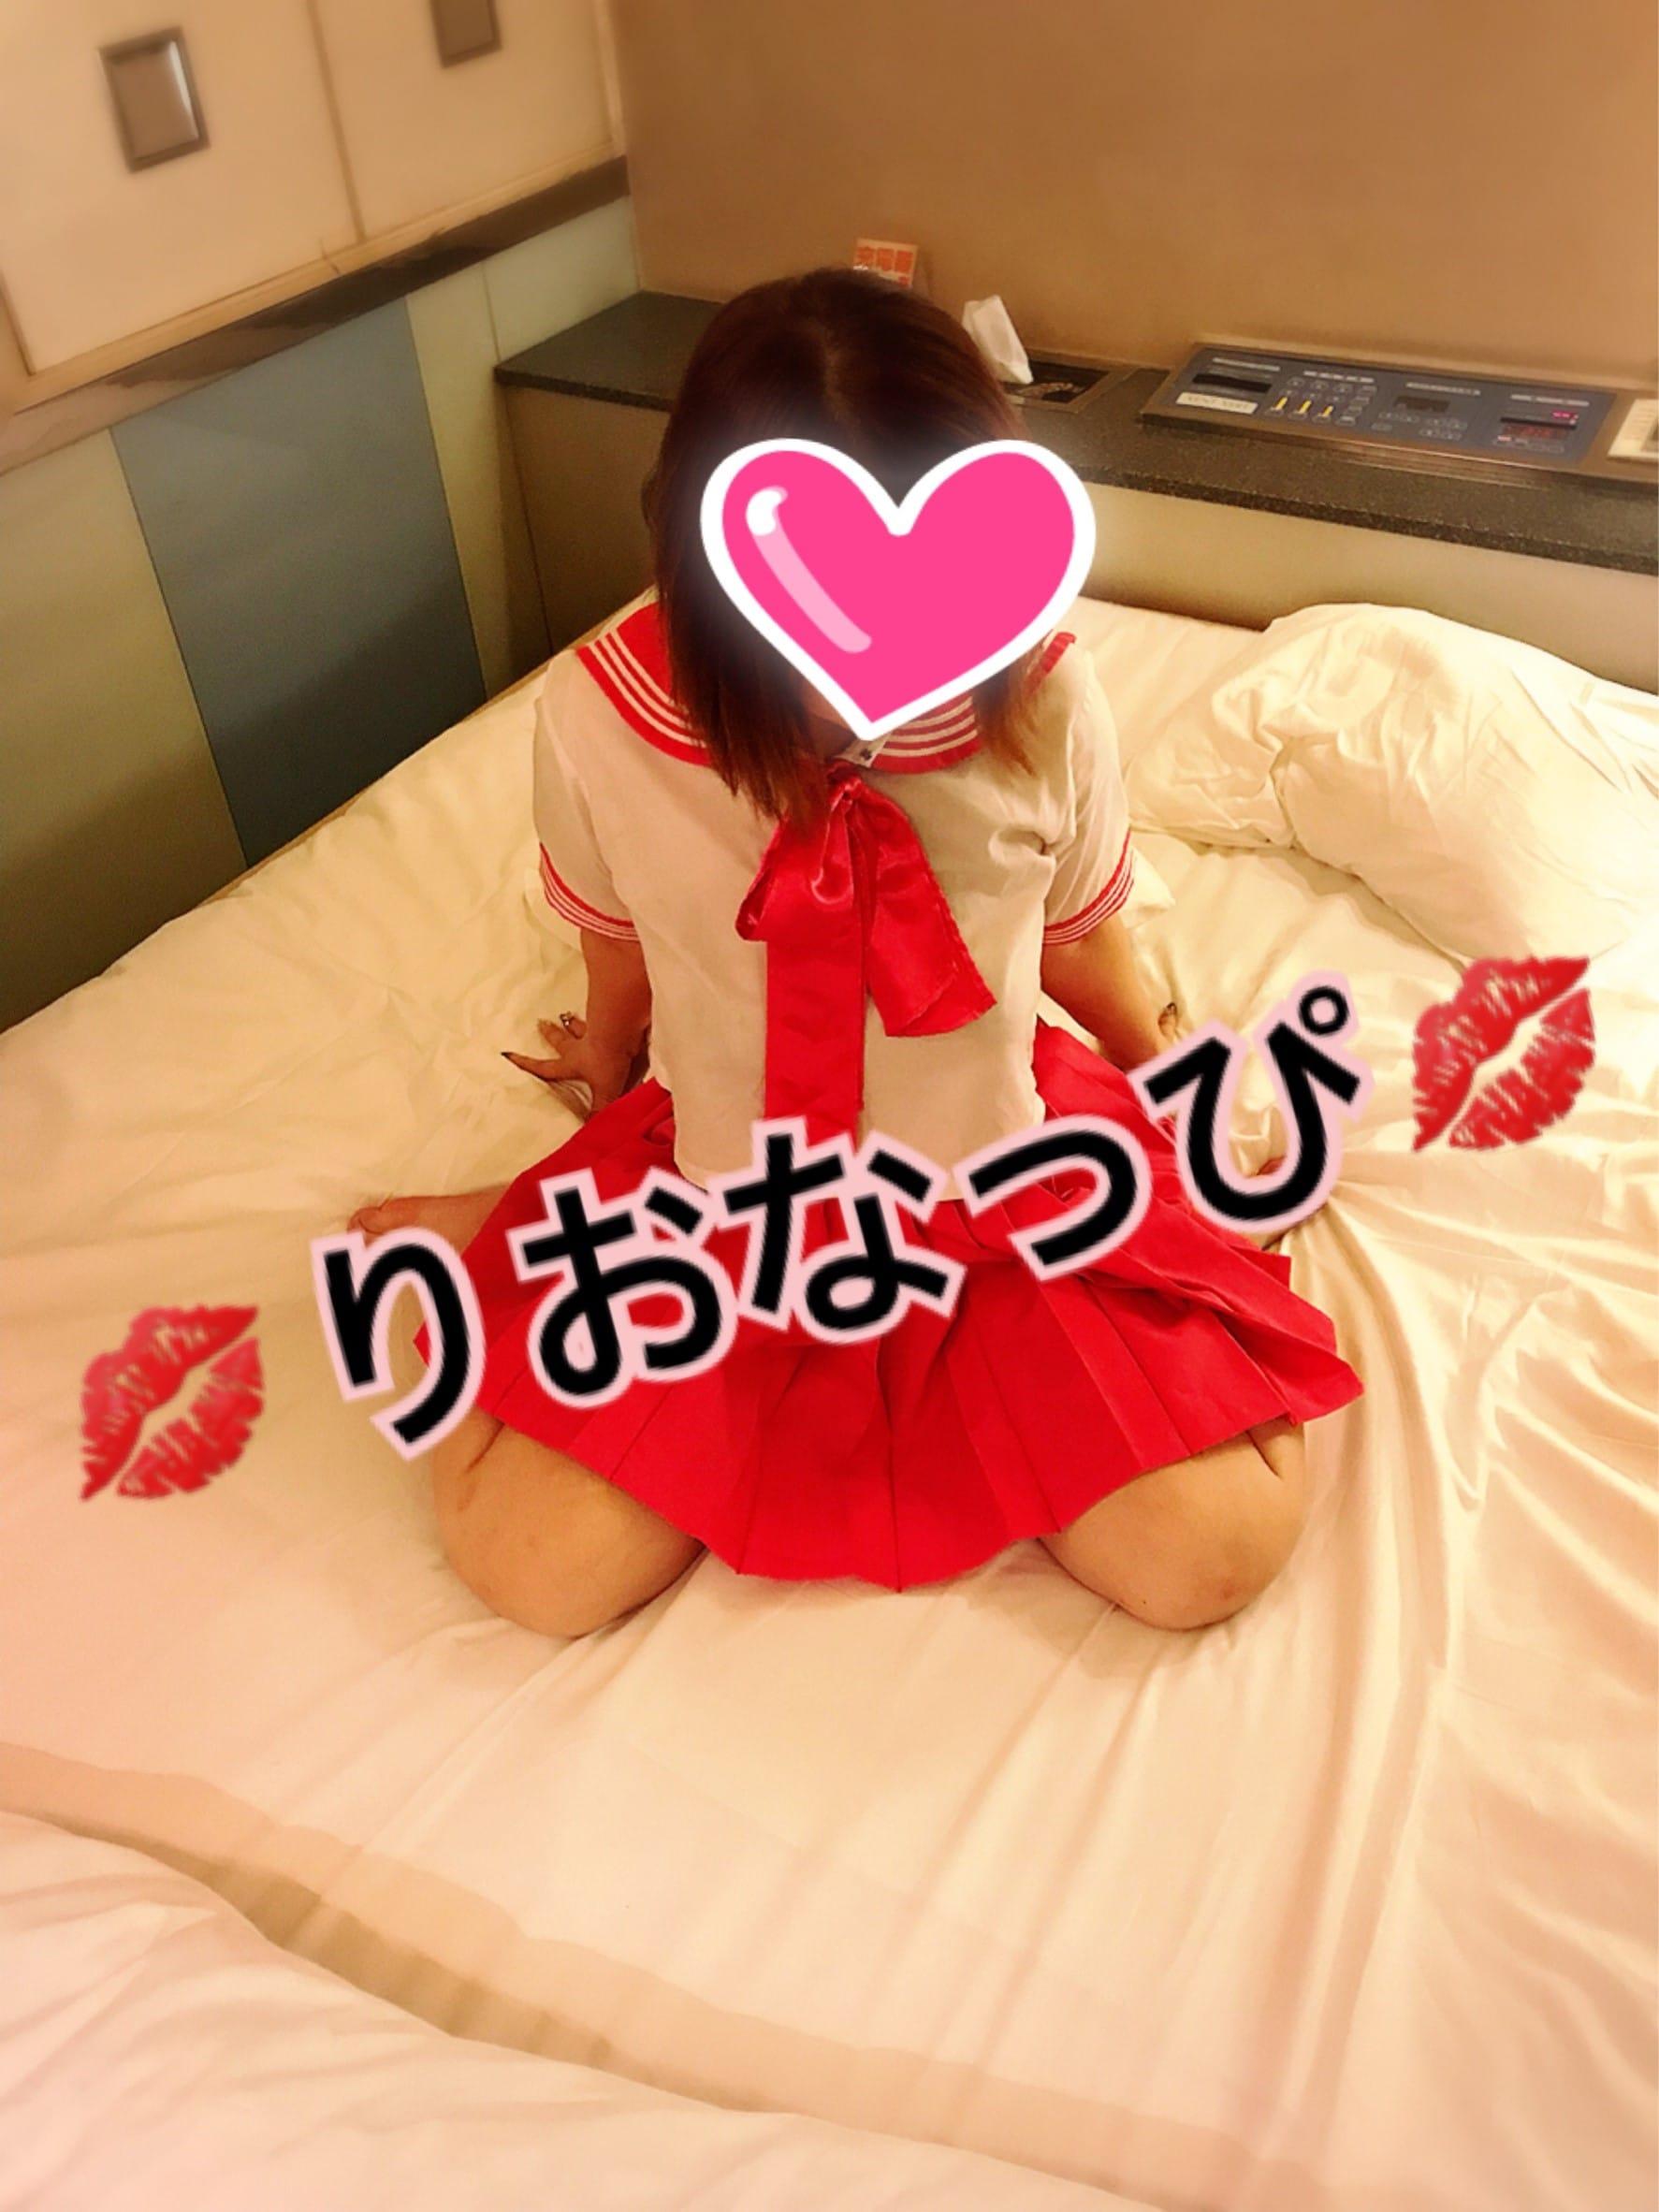 「♡お礼♡」10/20(金) 03:36   リオナの写メ・風俗動画